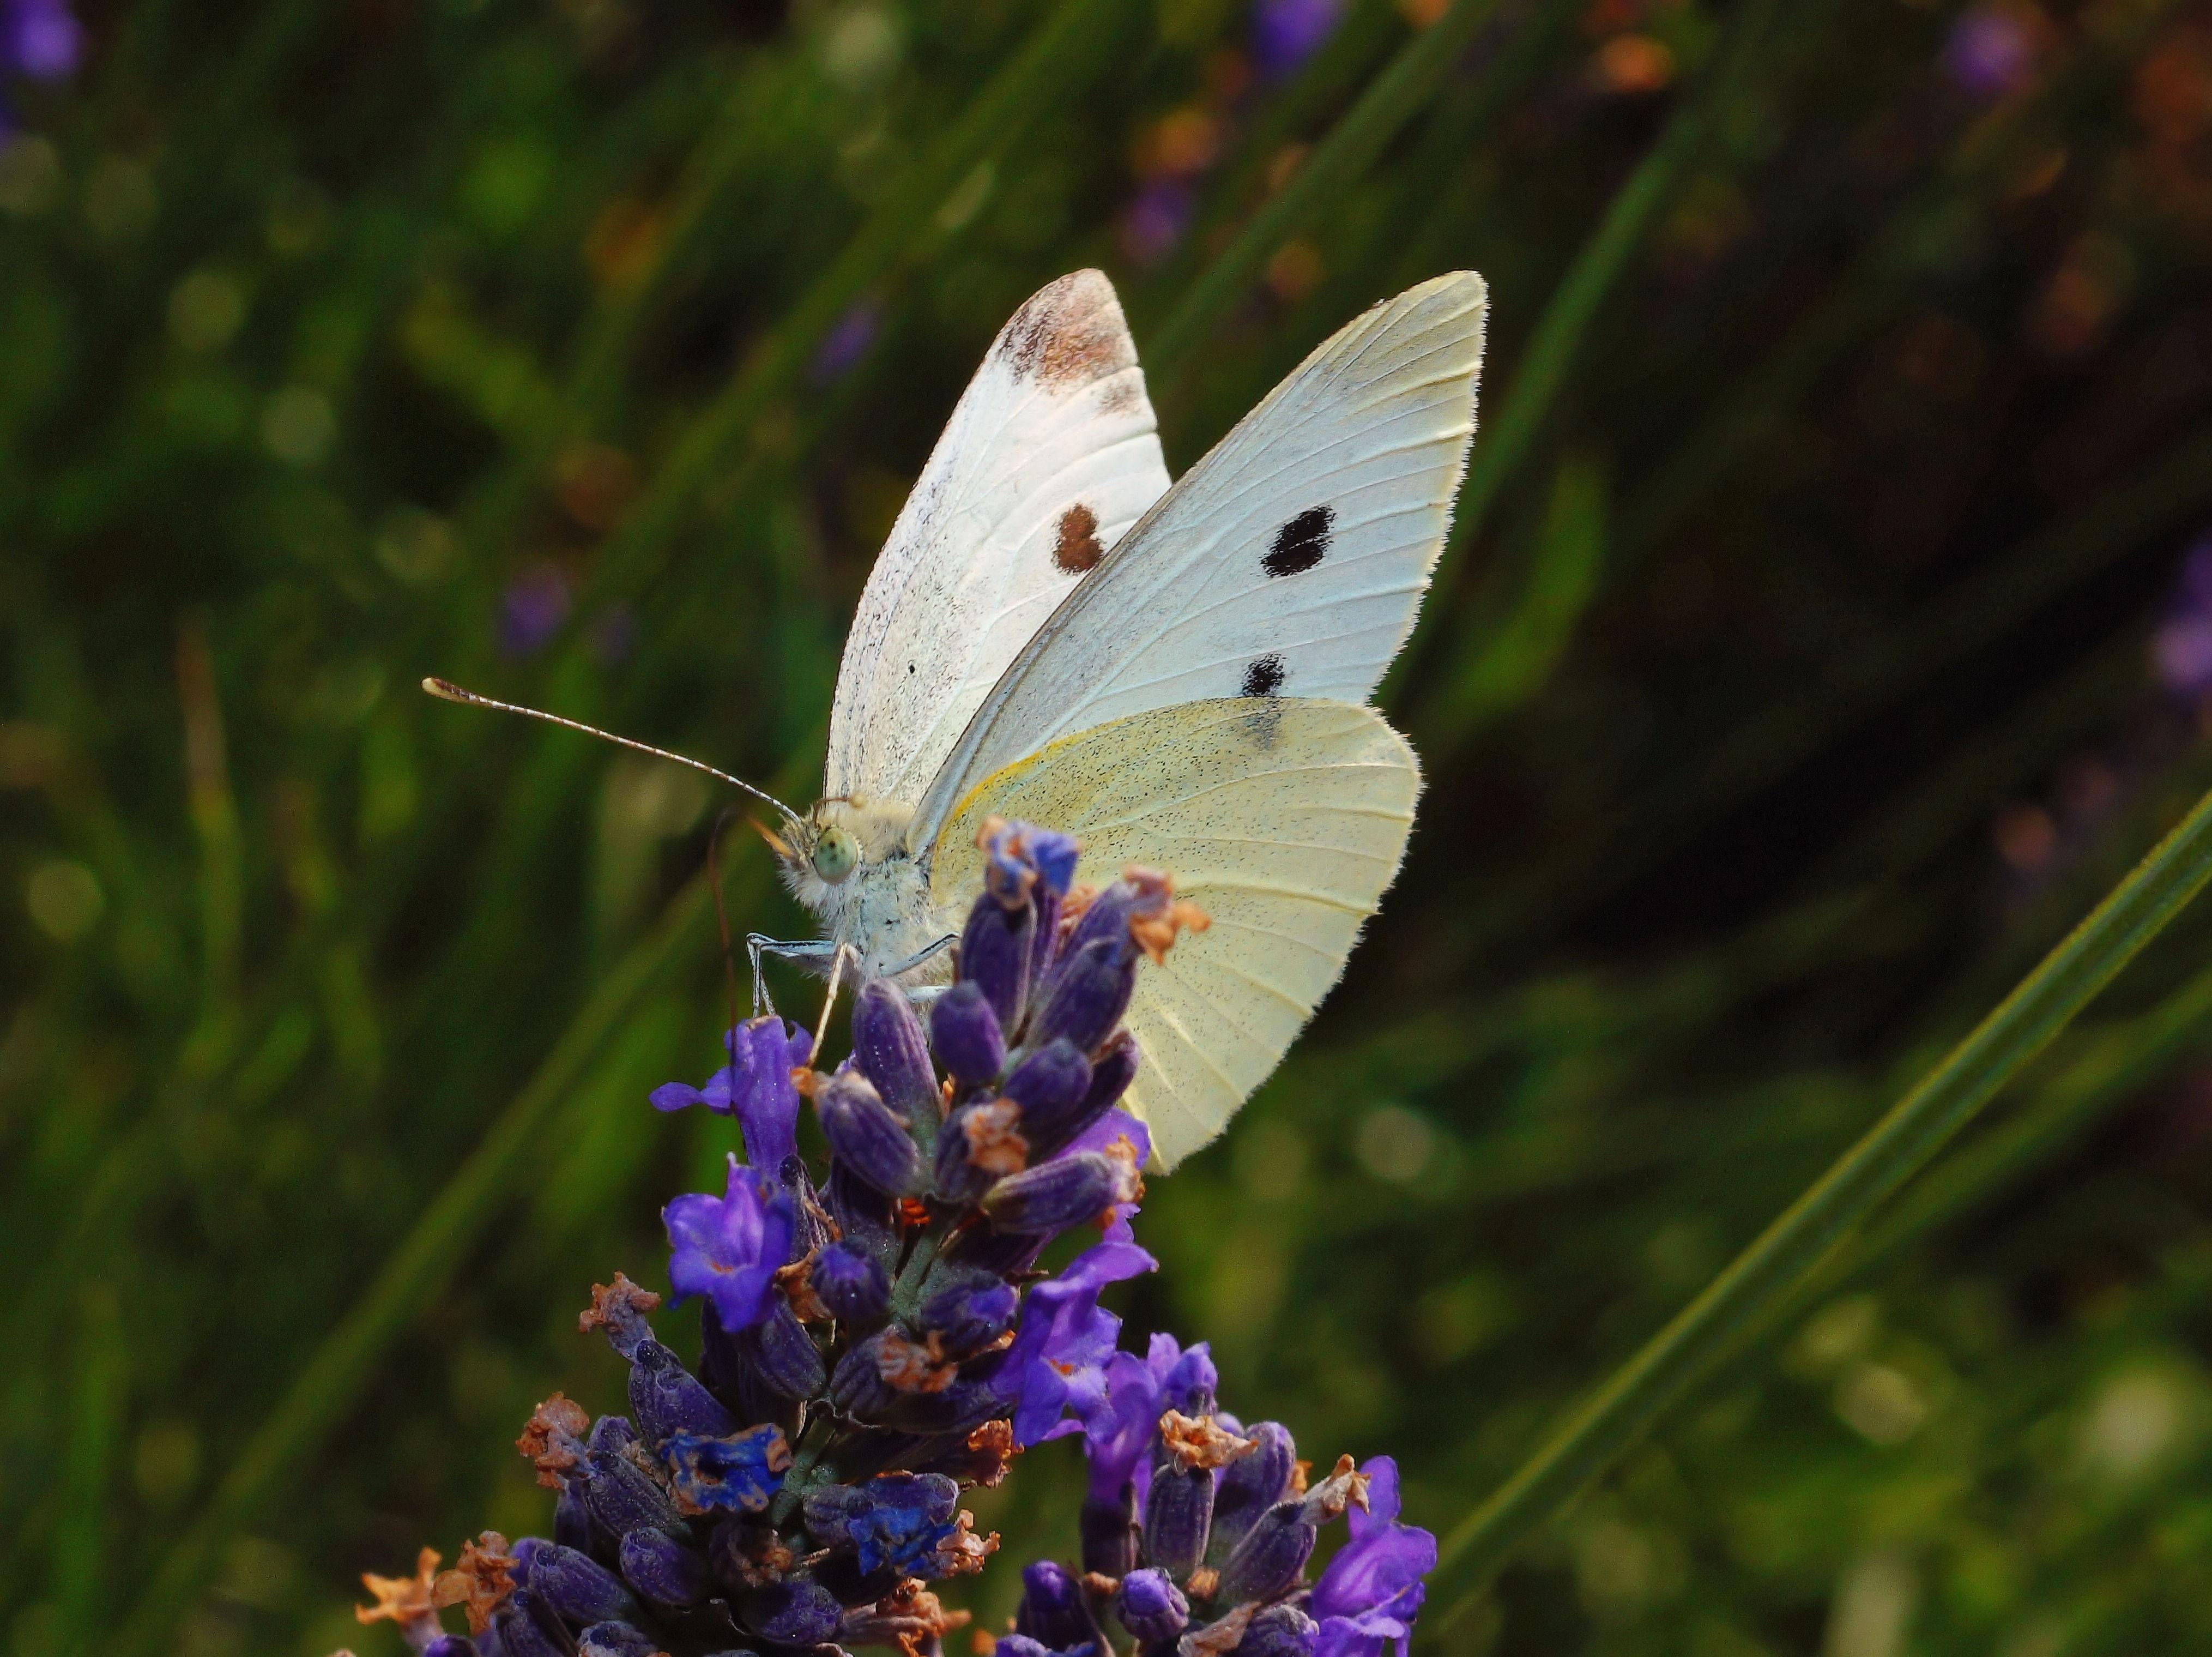 sulfur butterfly on purple flower image Peakpx 4058x3039